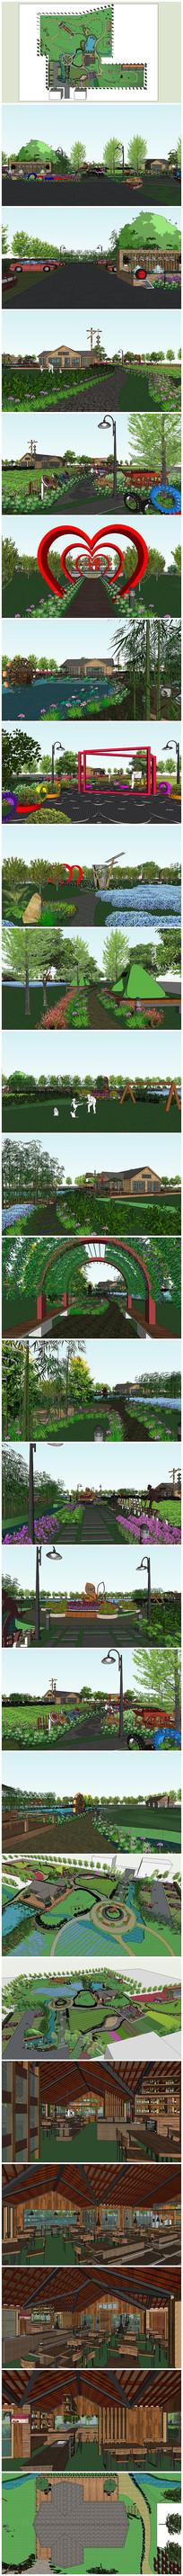 休闲生态农庄野趣农家乐景观设计SU模型